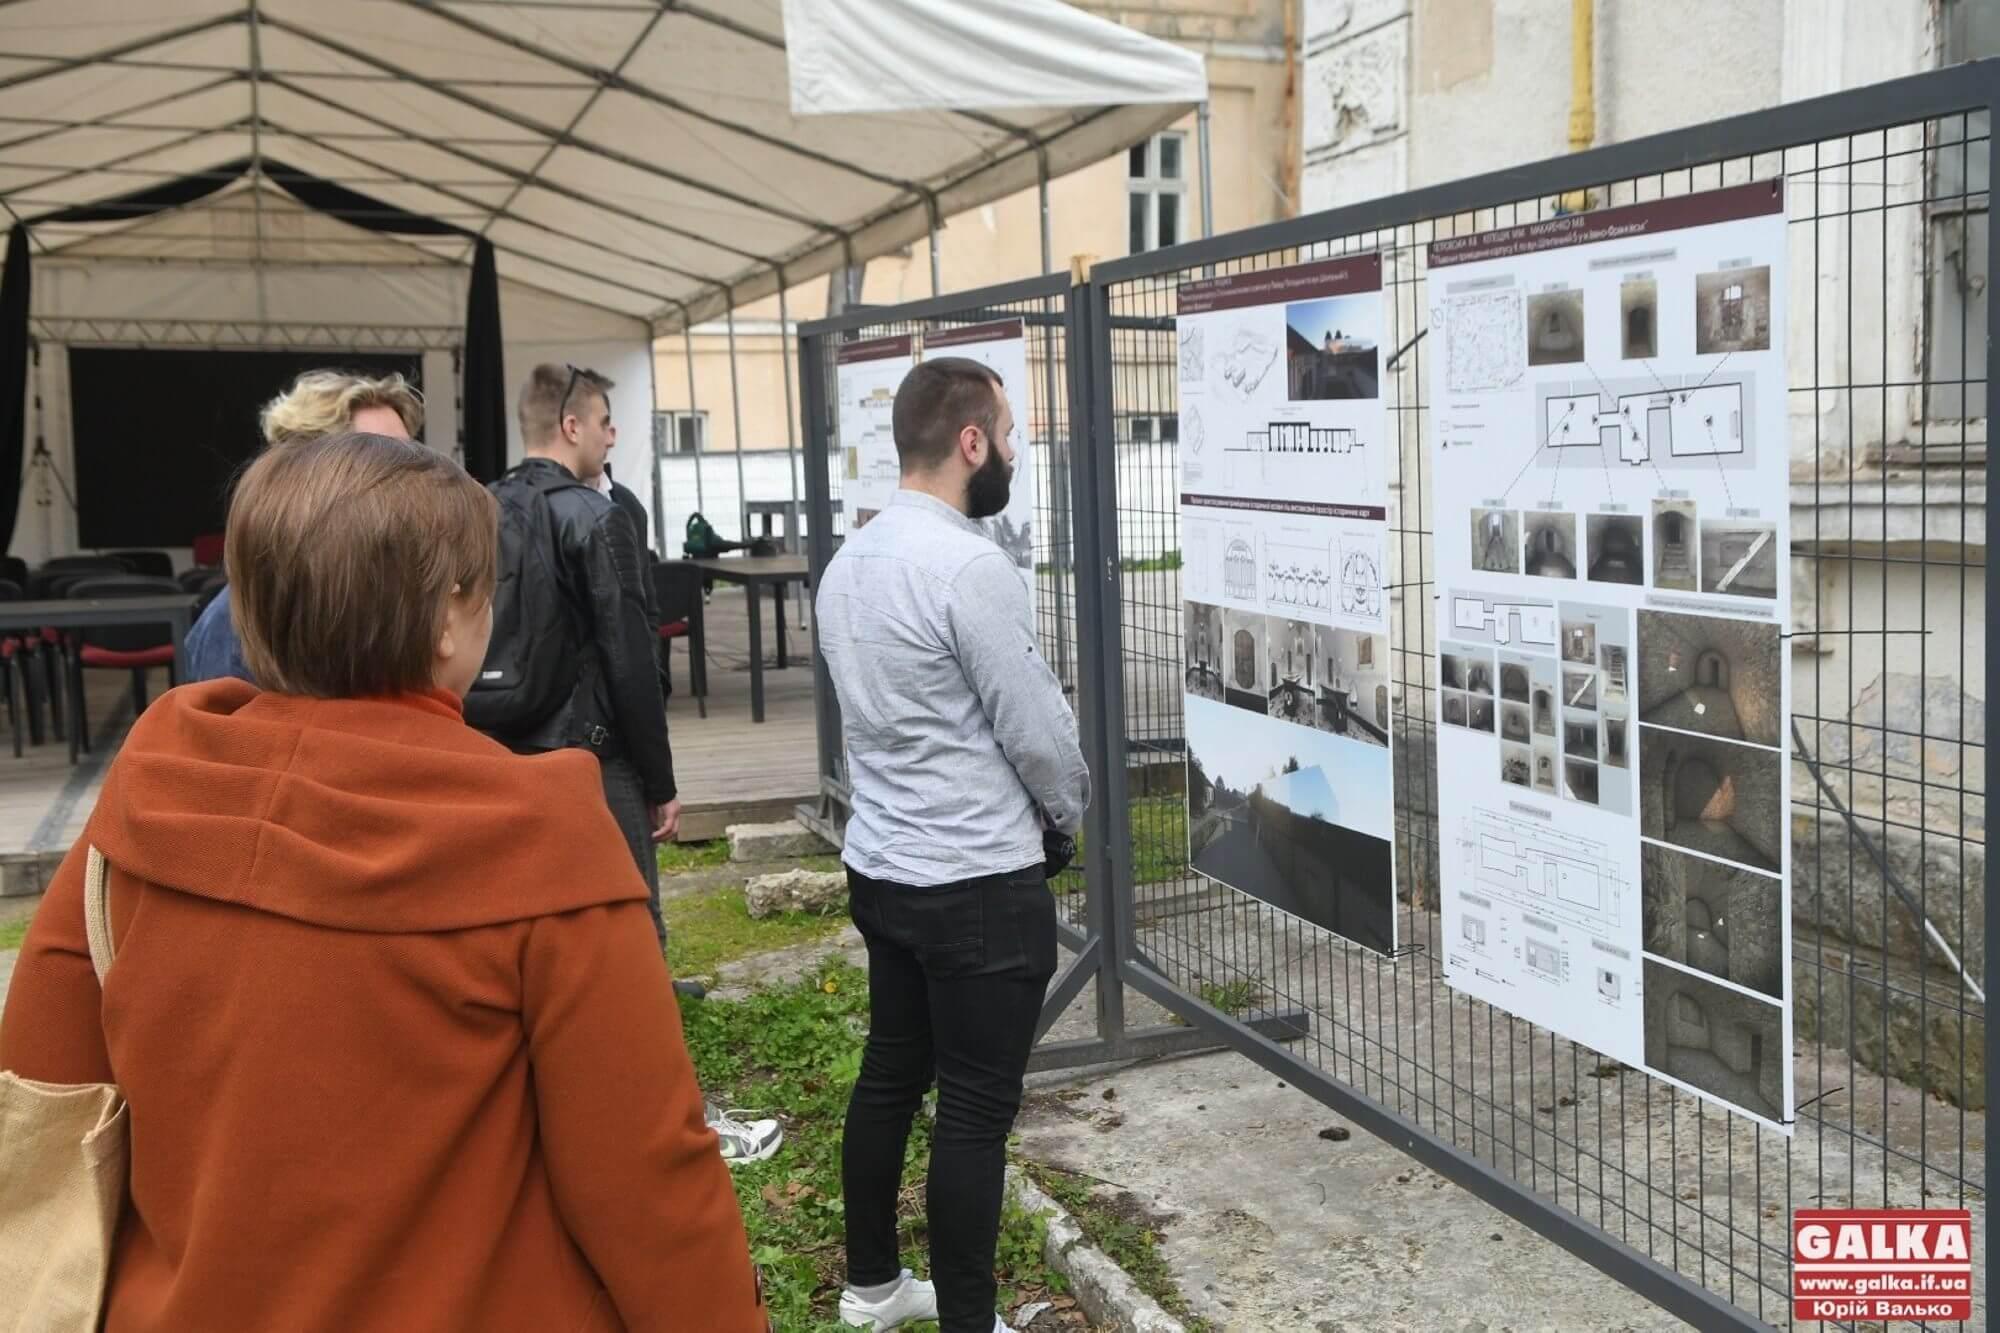 Поєднати історичну спадщину та сучасність: студенти-випускники ІФНТУНГ презентували архітектурні проєкти (ФОТО)